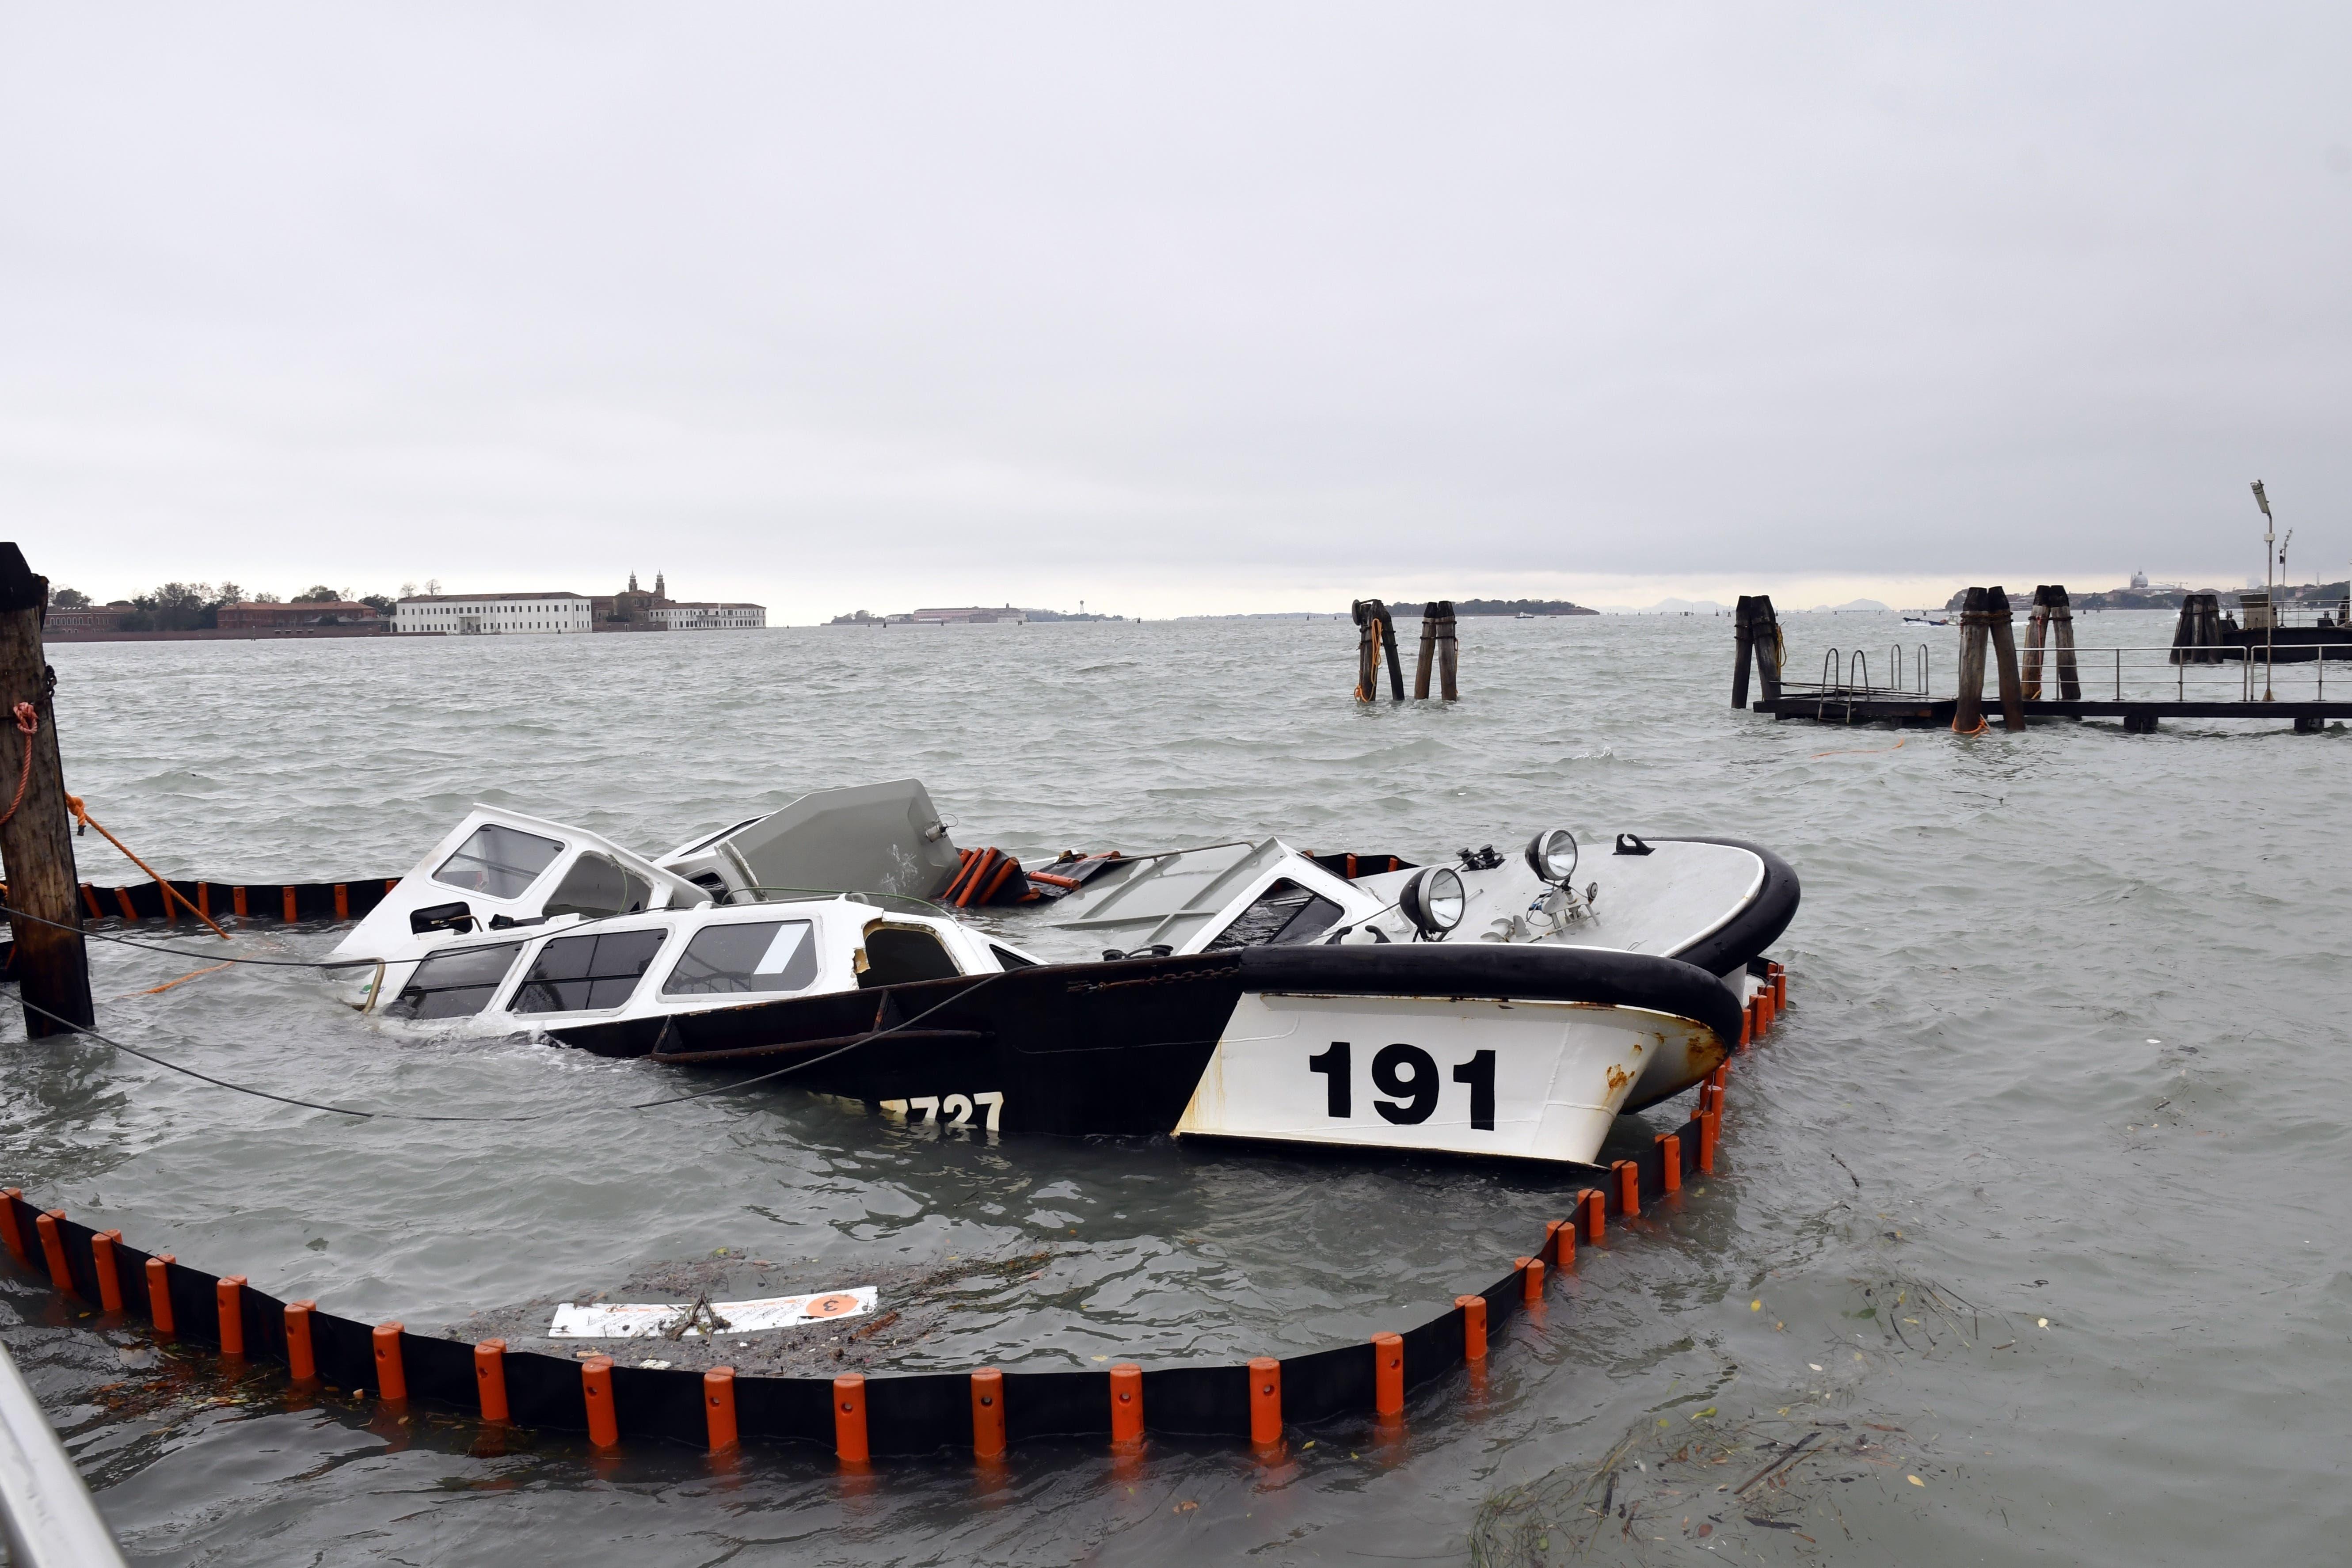 Ein zerstörtes Boot. (Bild: AP Photo/Luigi Costantini)